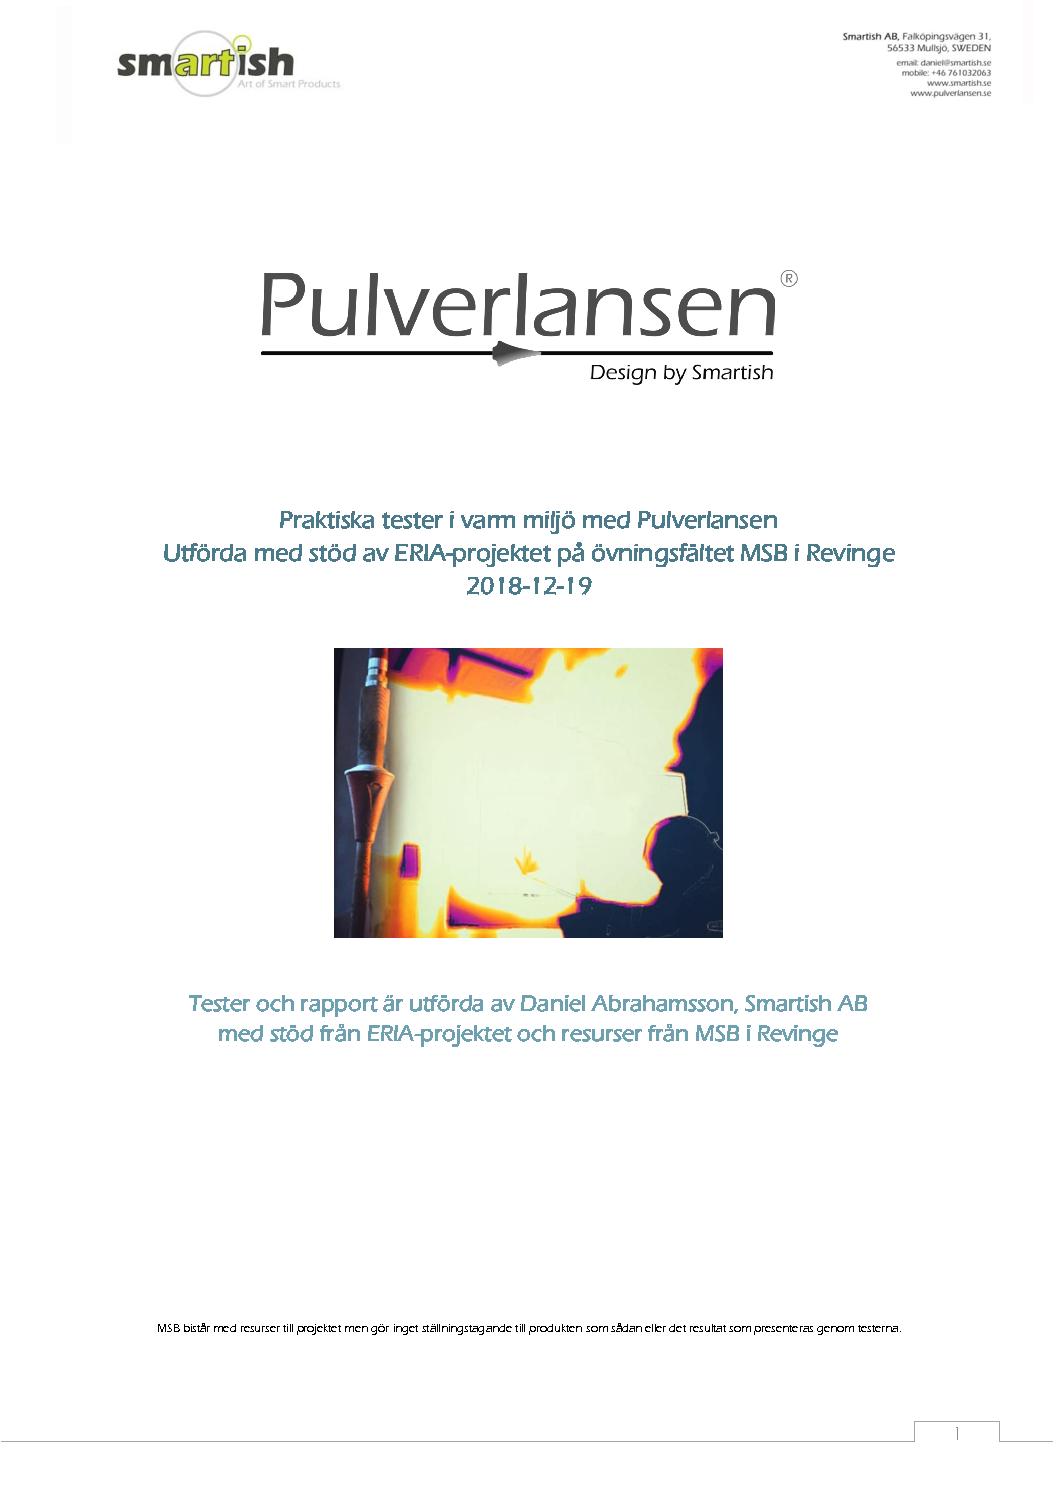 Testrapport Pulverlansen ERIA projeket Revinge pdf - Pulverlansen mentioned in the Swedish magazine Utryckning!